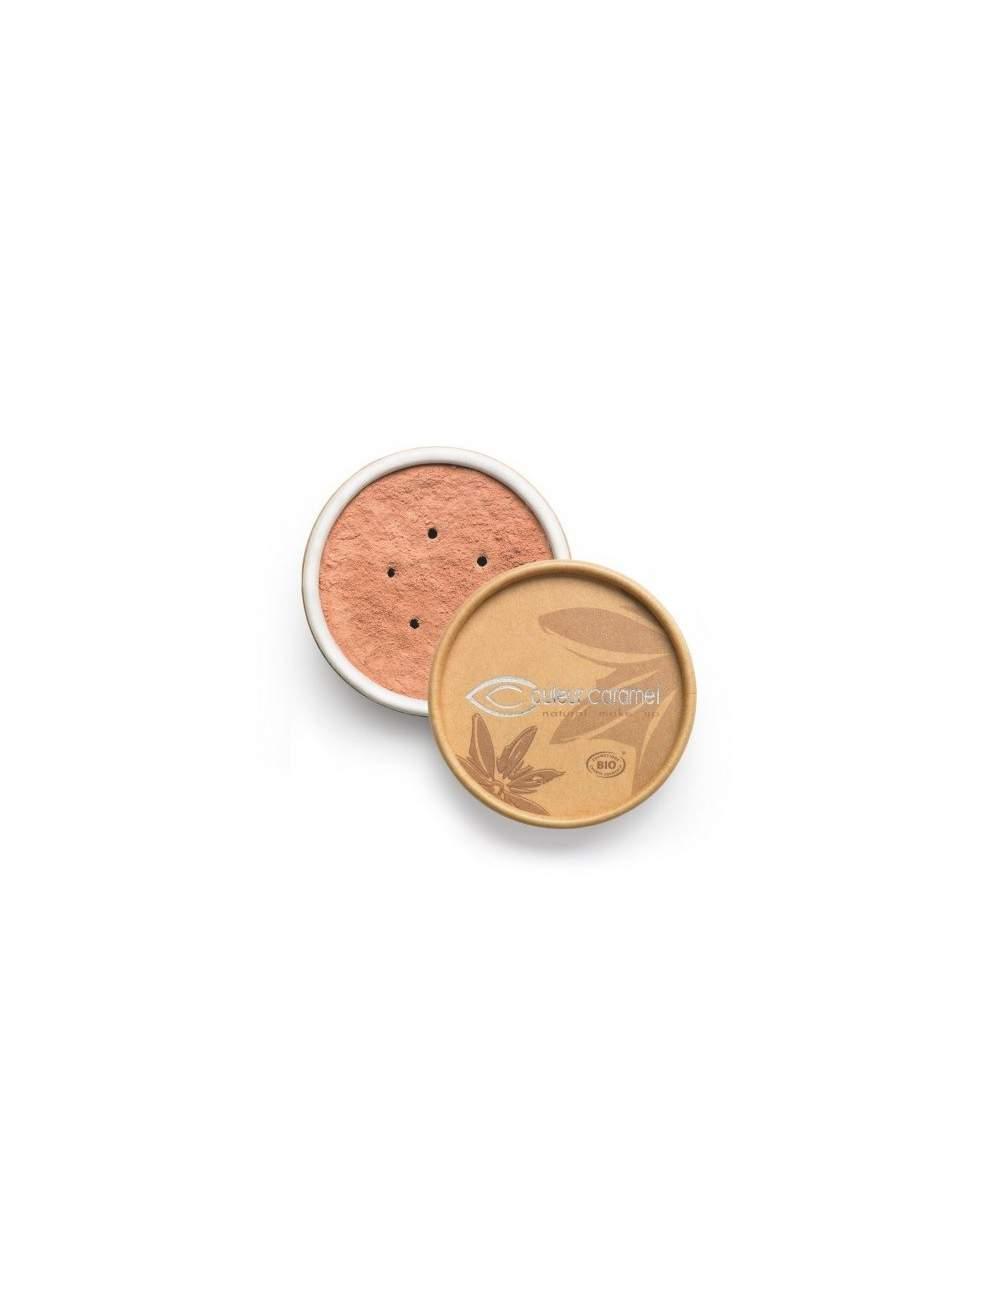 Fond de Teint Bio Minéral 02 Pink Beige. Couleur Caramel